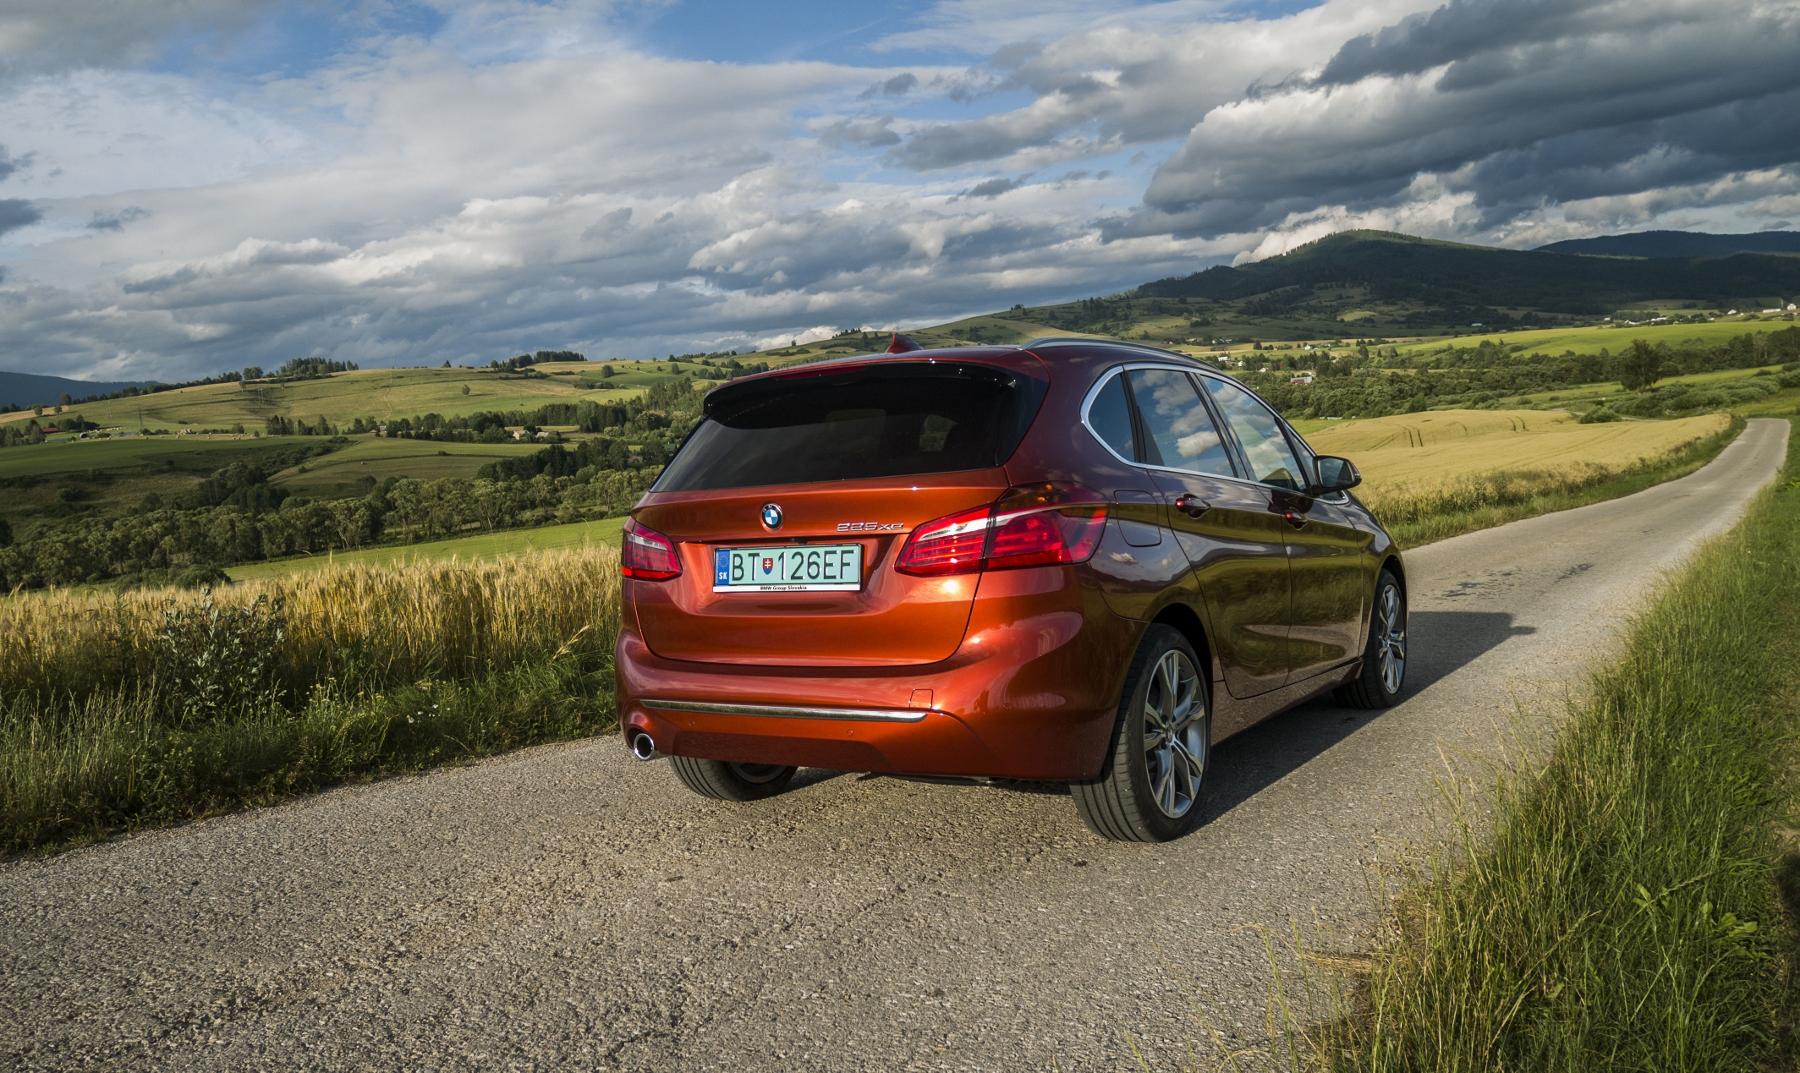 BMW 225 xe (6)